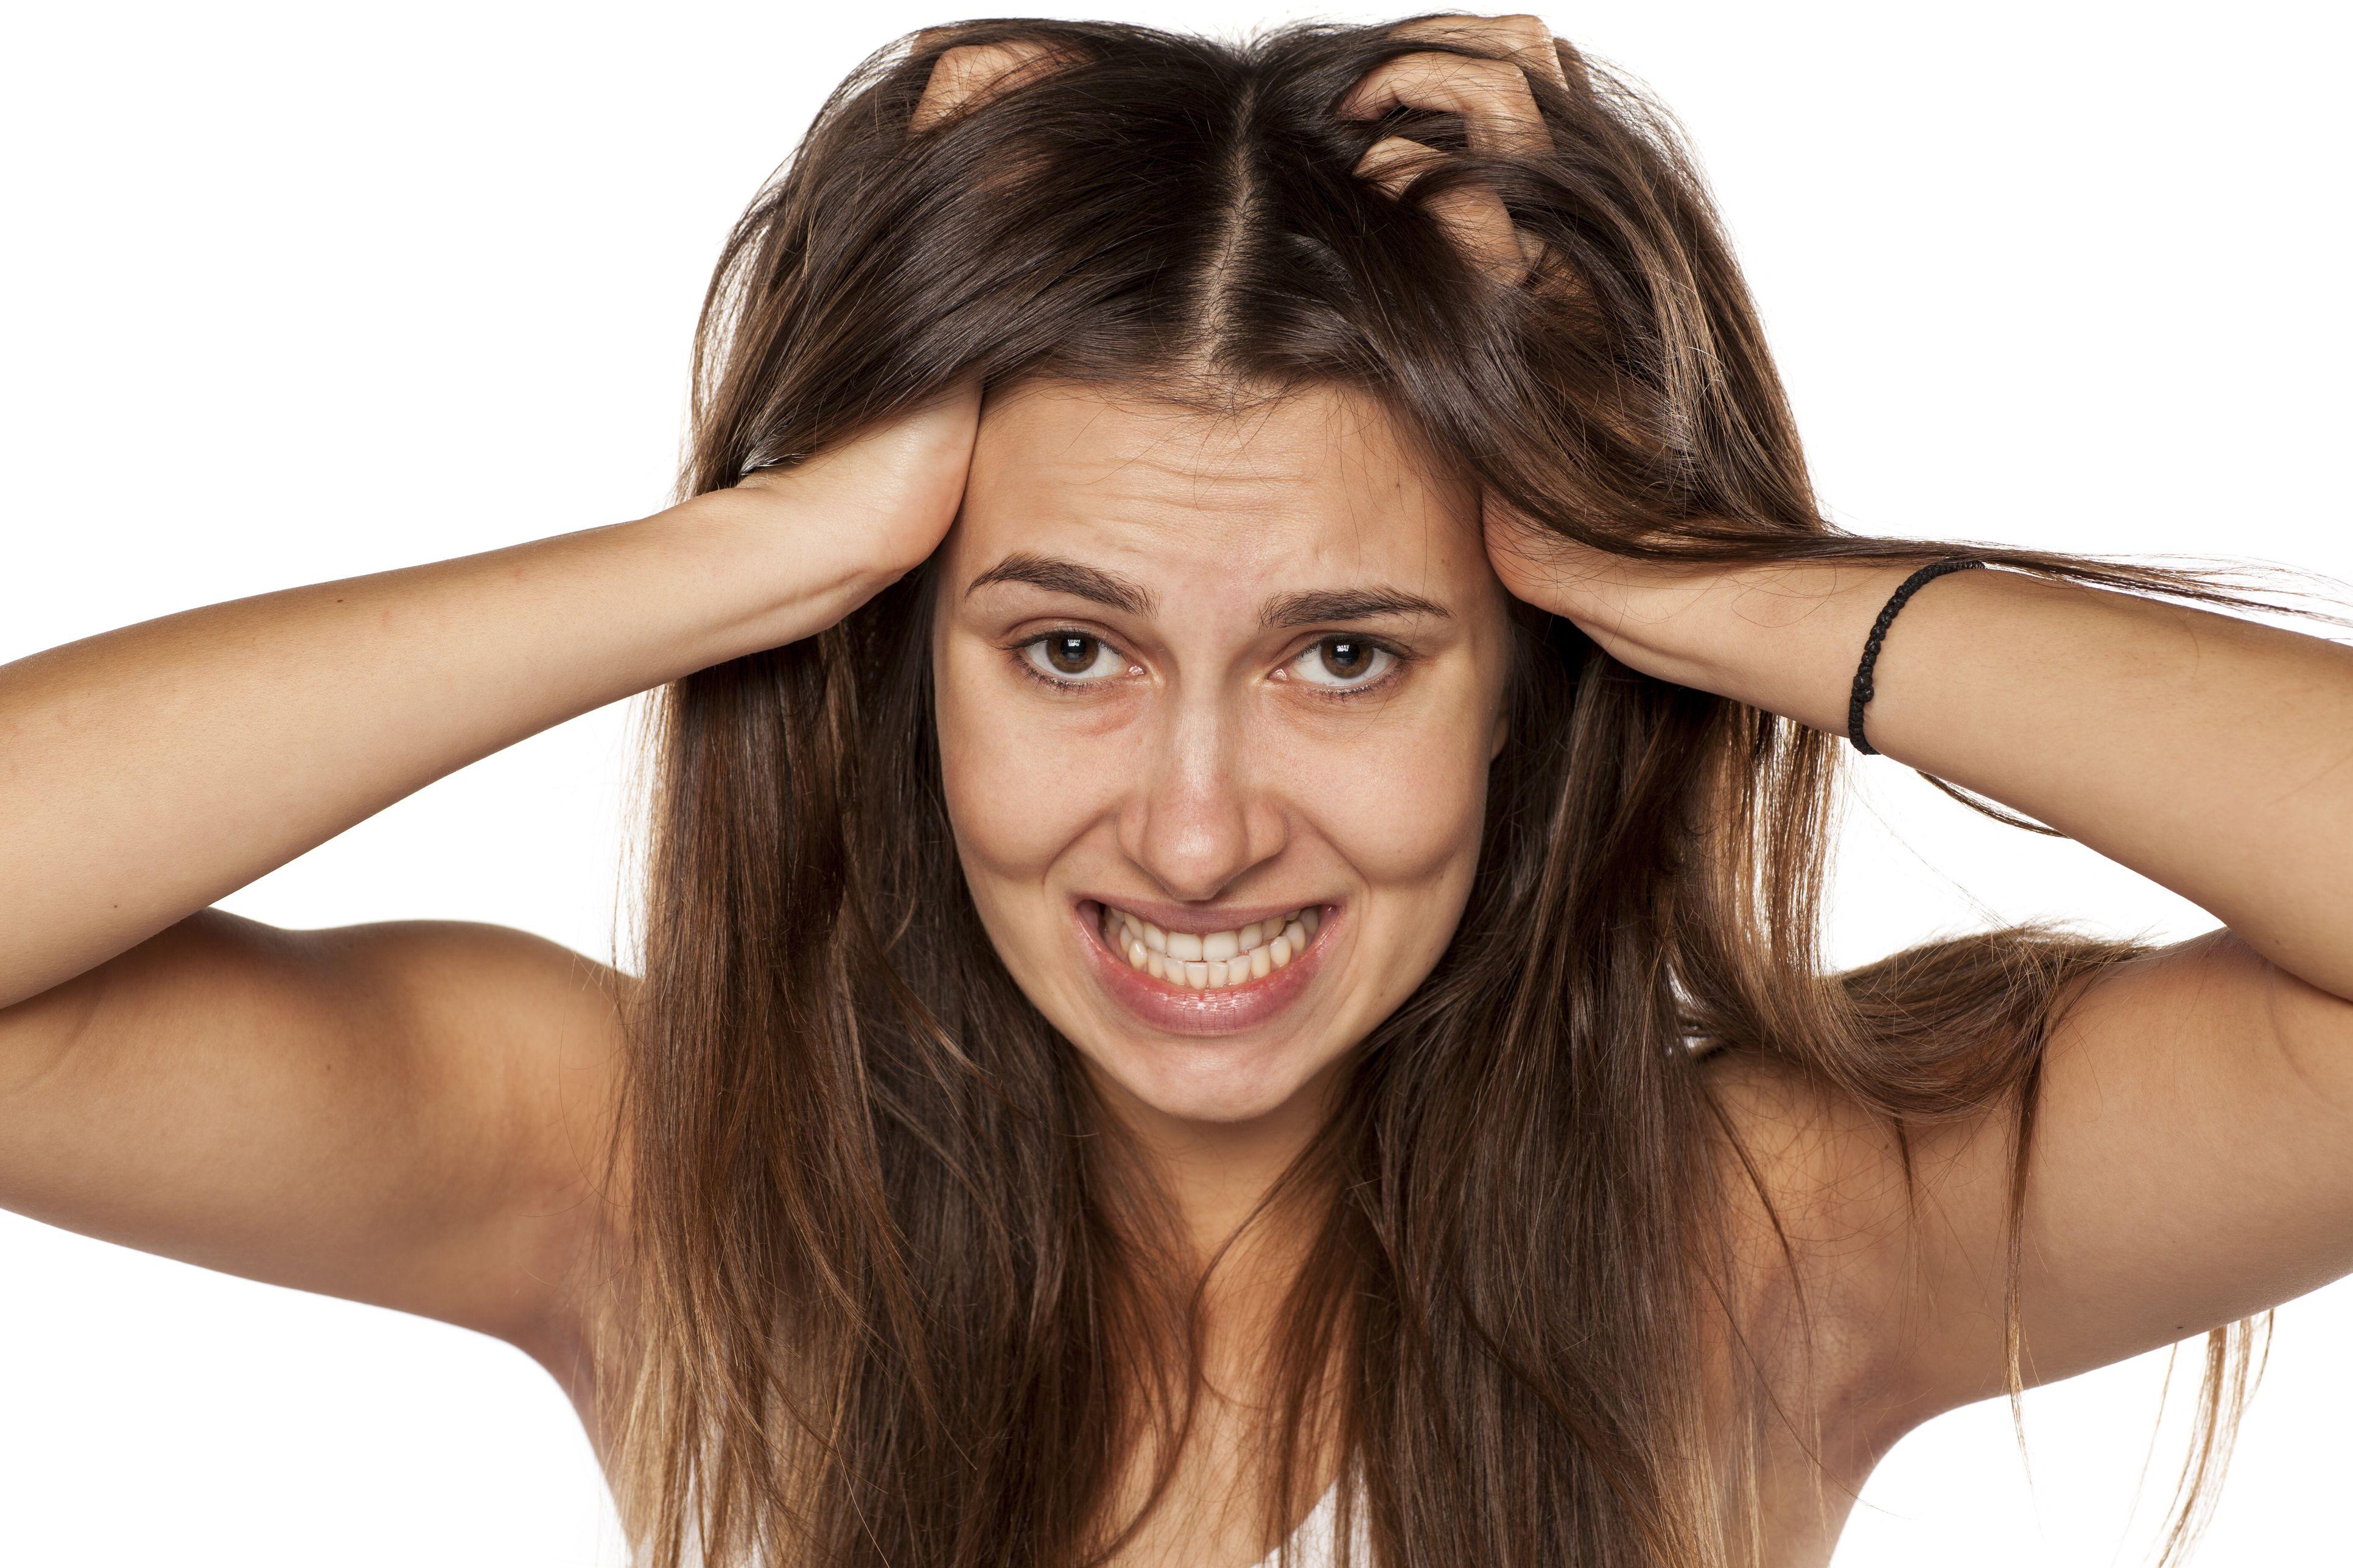 Pikkelysömör a fejbőrön: mit tehetünk? - HáziPatika